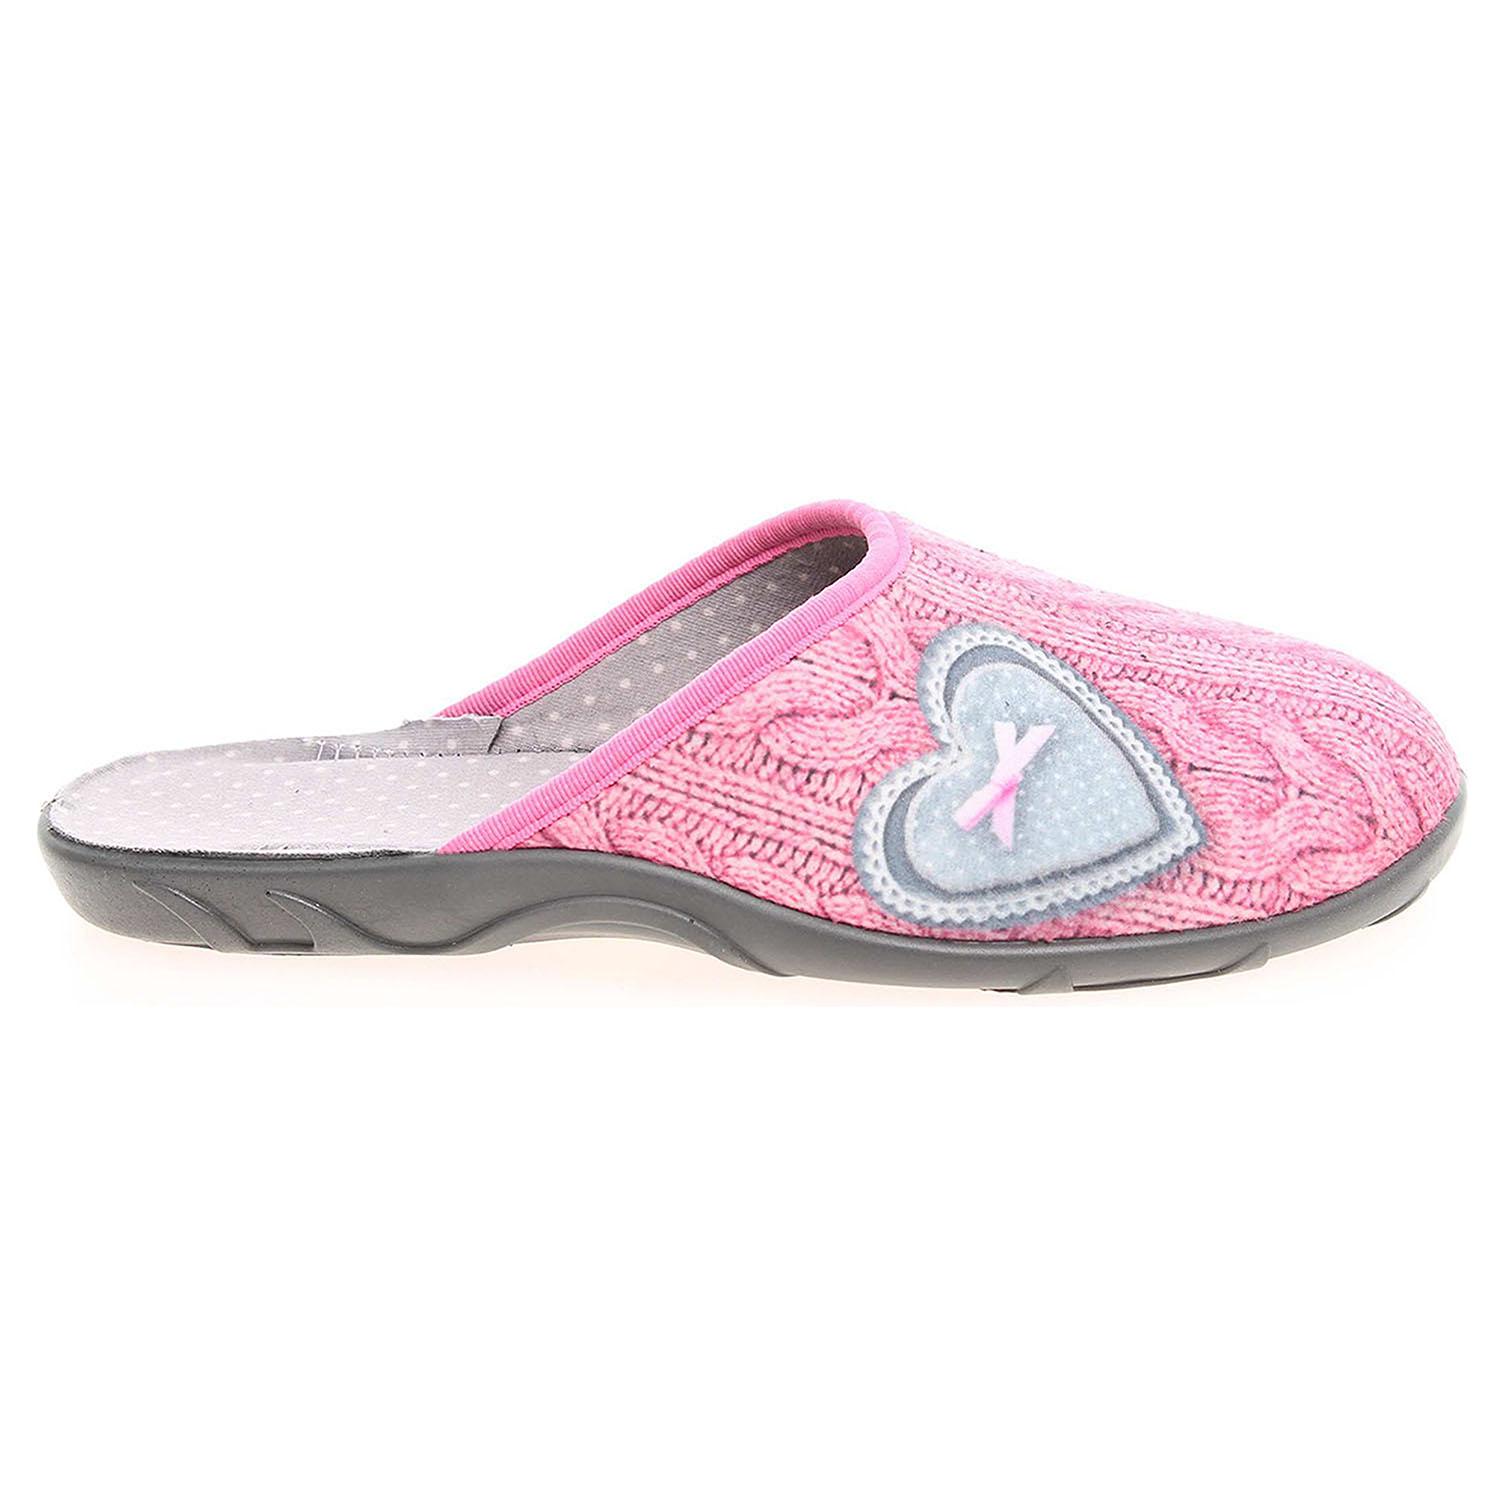 Befado dámské pantofle 235D144 růžové 41